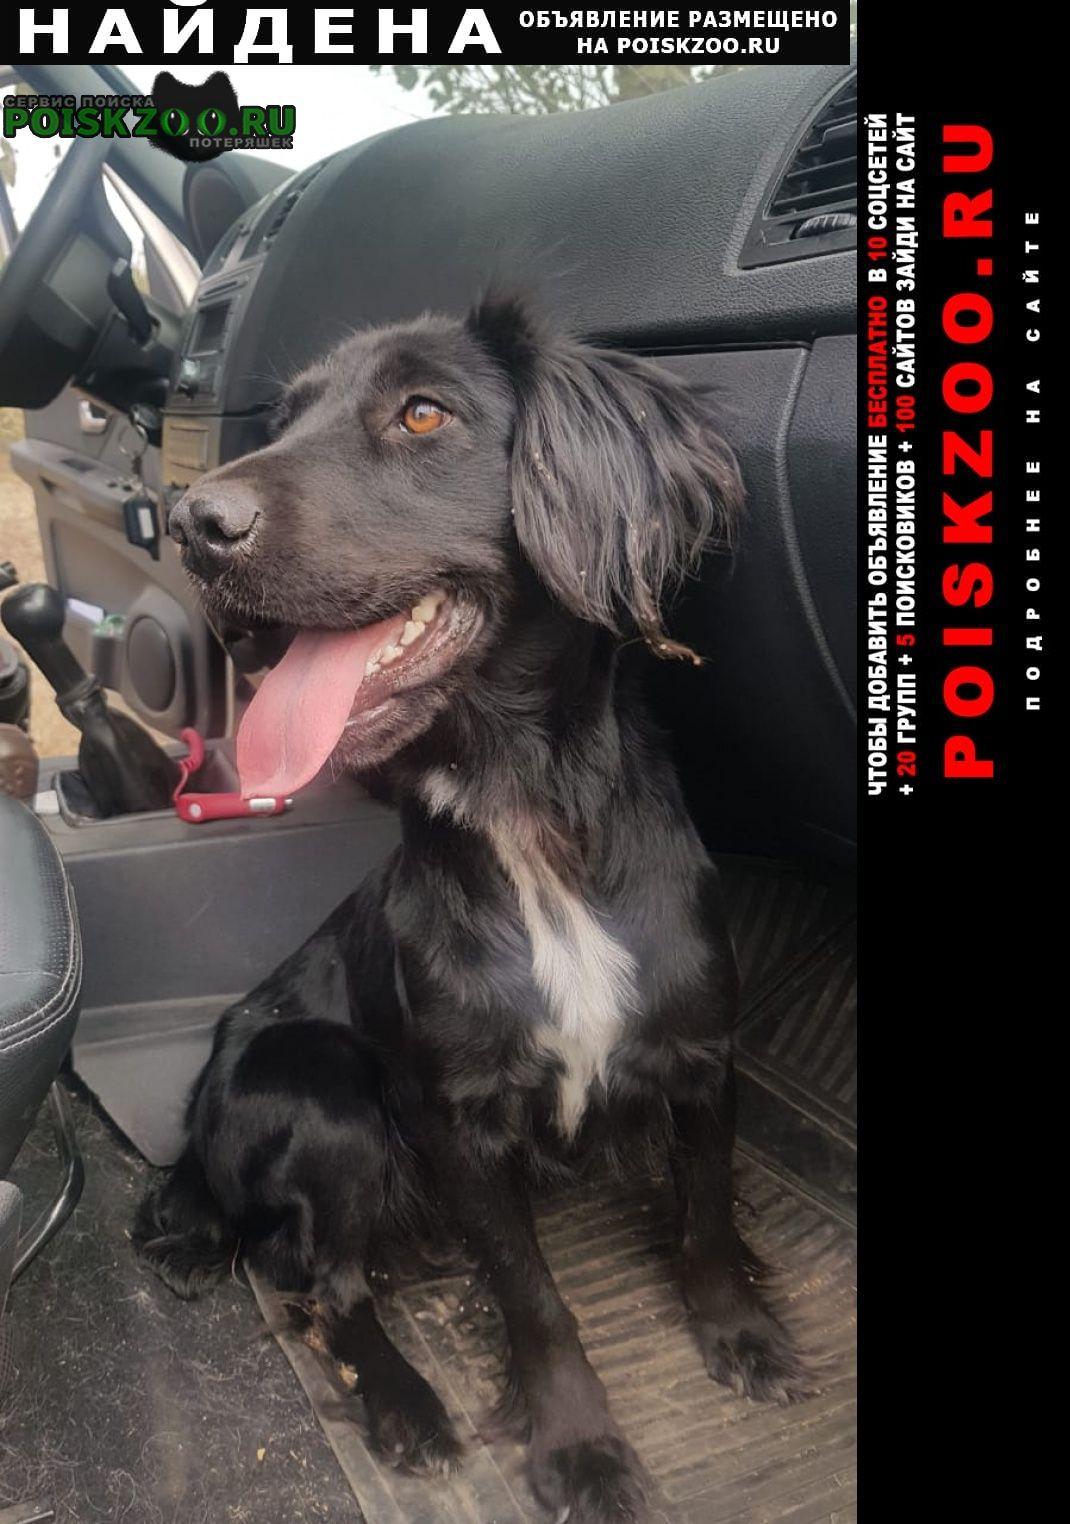 Павловская Найдена собака спаниель